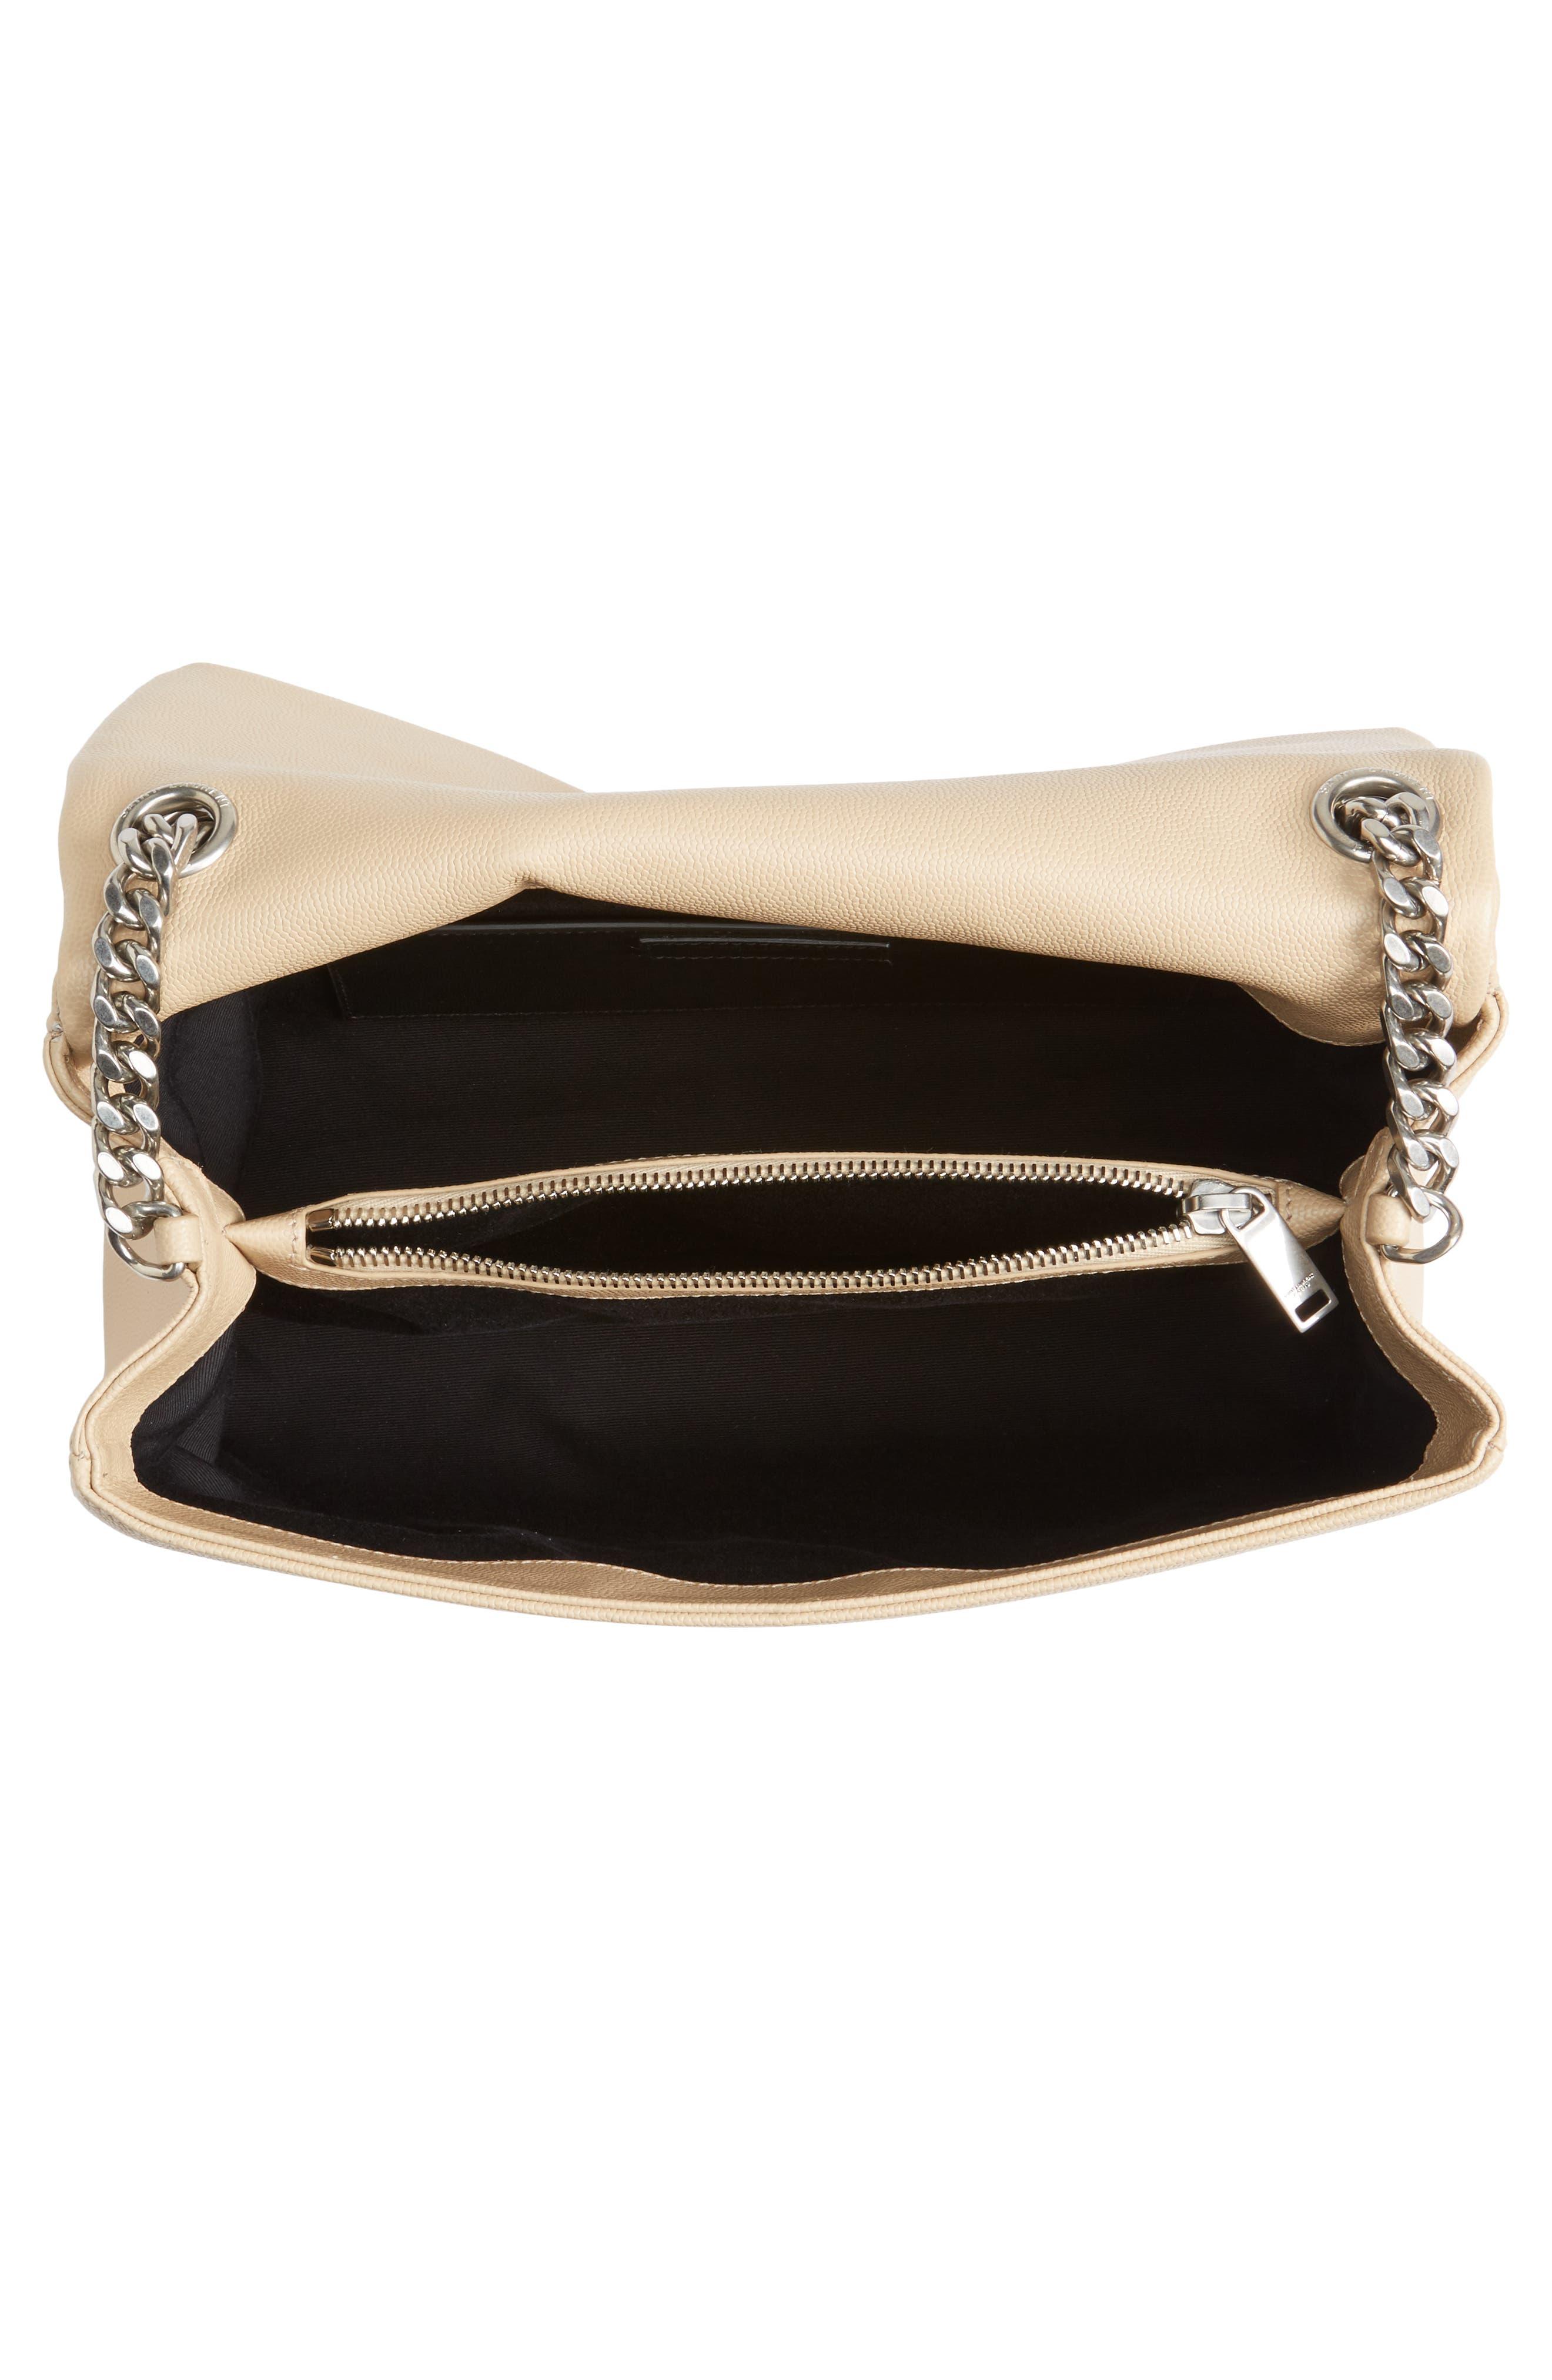 Medium West Hollywood Leather Shoulder Bag,                             Alternate thumbnail 12, color,